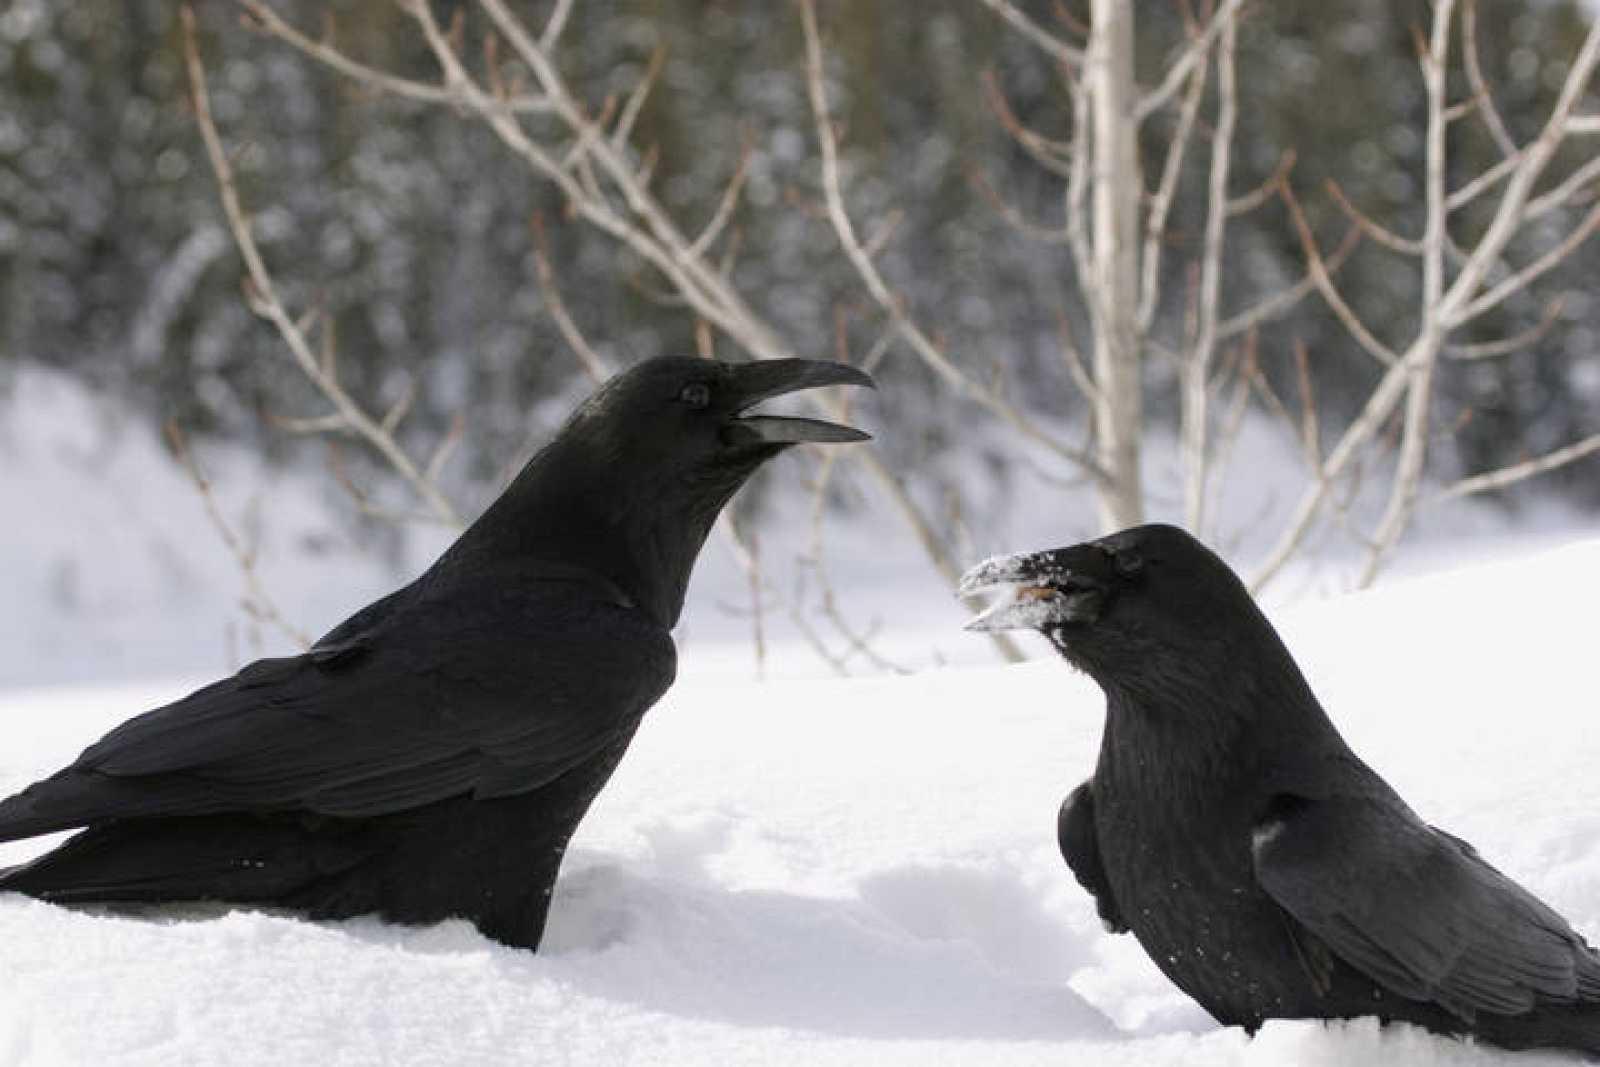 Los cuervos usan sus picos como si fuesen manos, para mostrar y ofrecer objetos, tales como musgo, piedras y ramas.